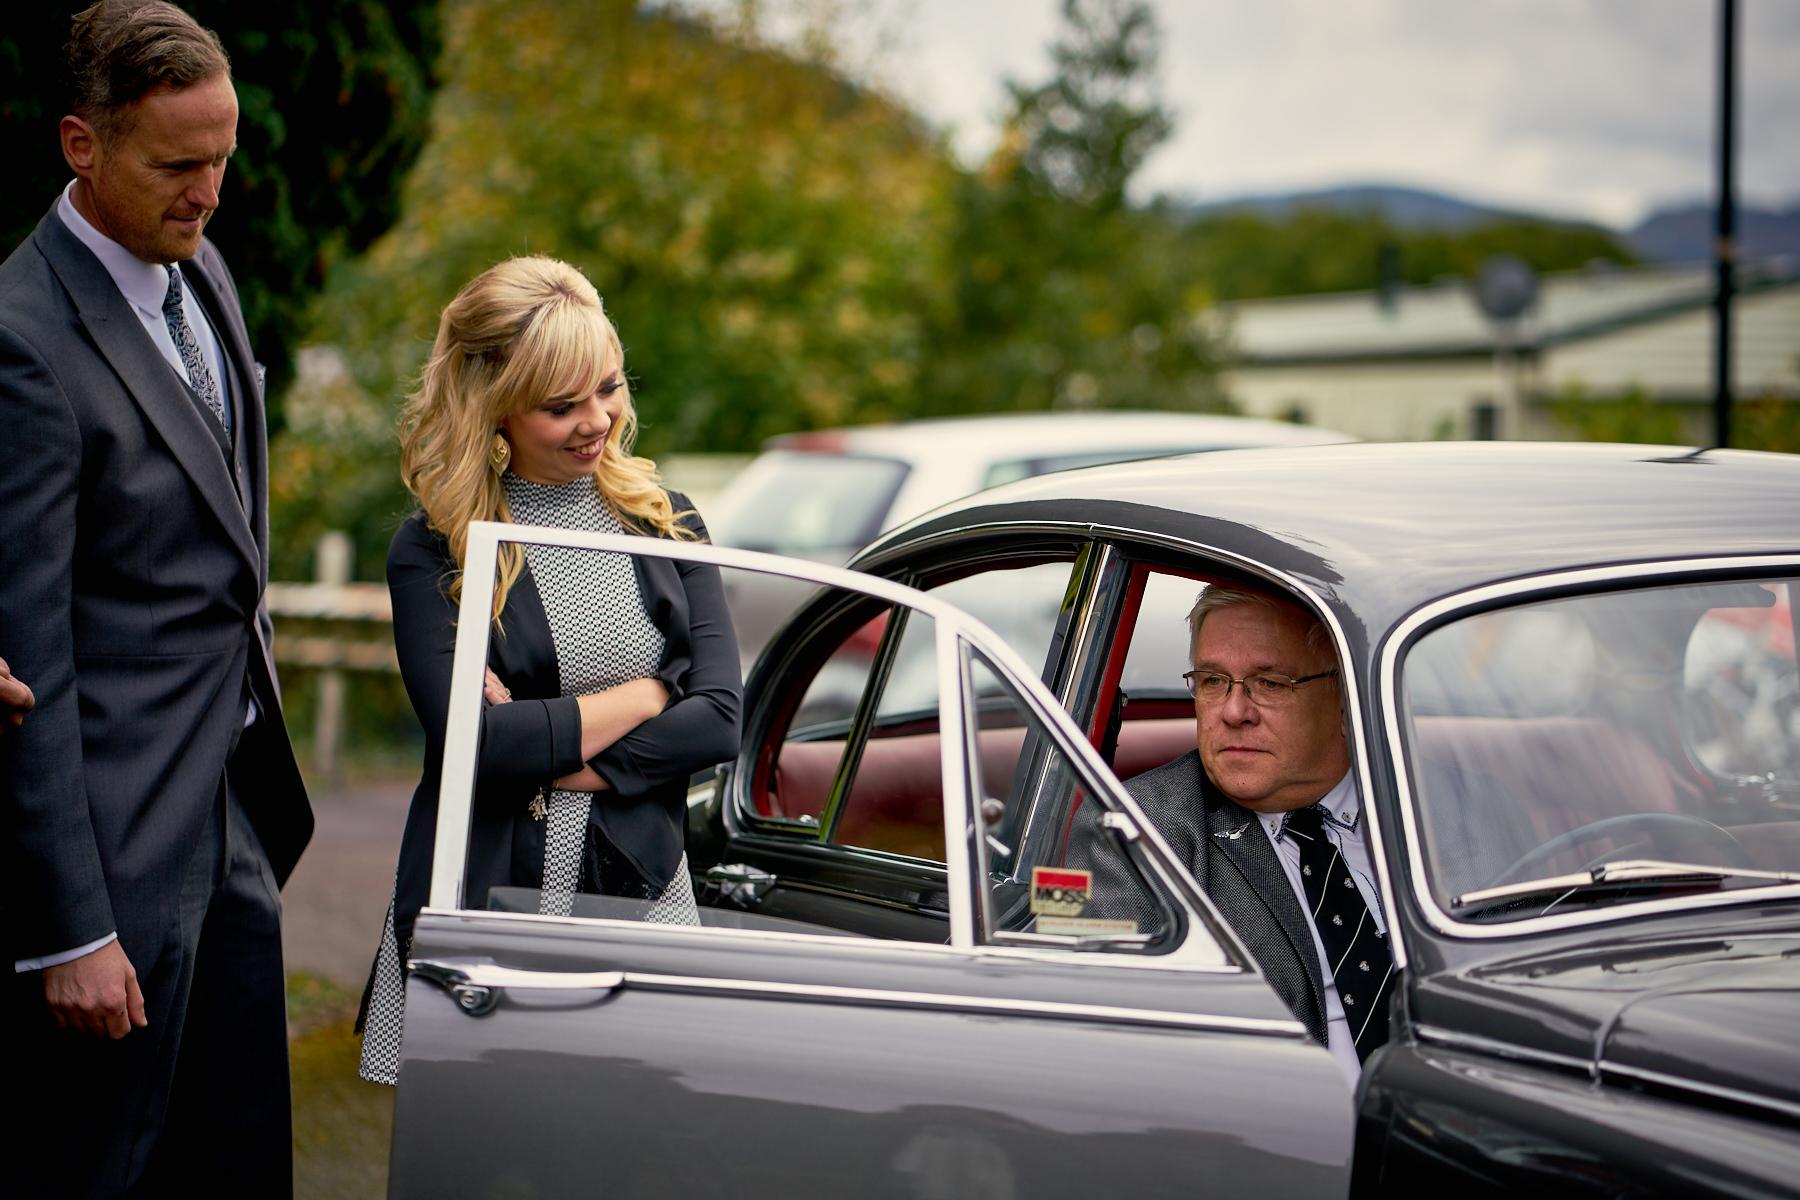 Maenan-Abbey-Wedding-Car-SOS_18